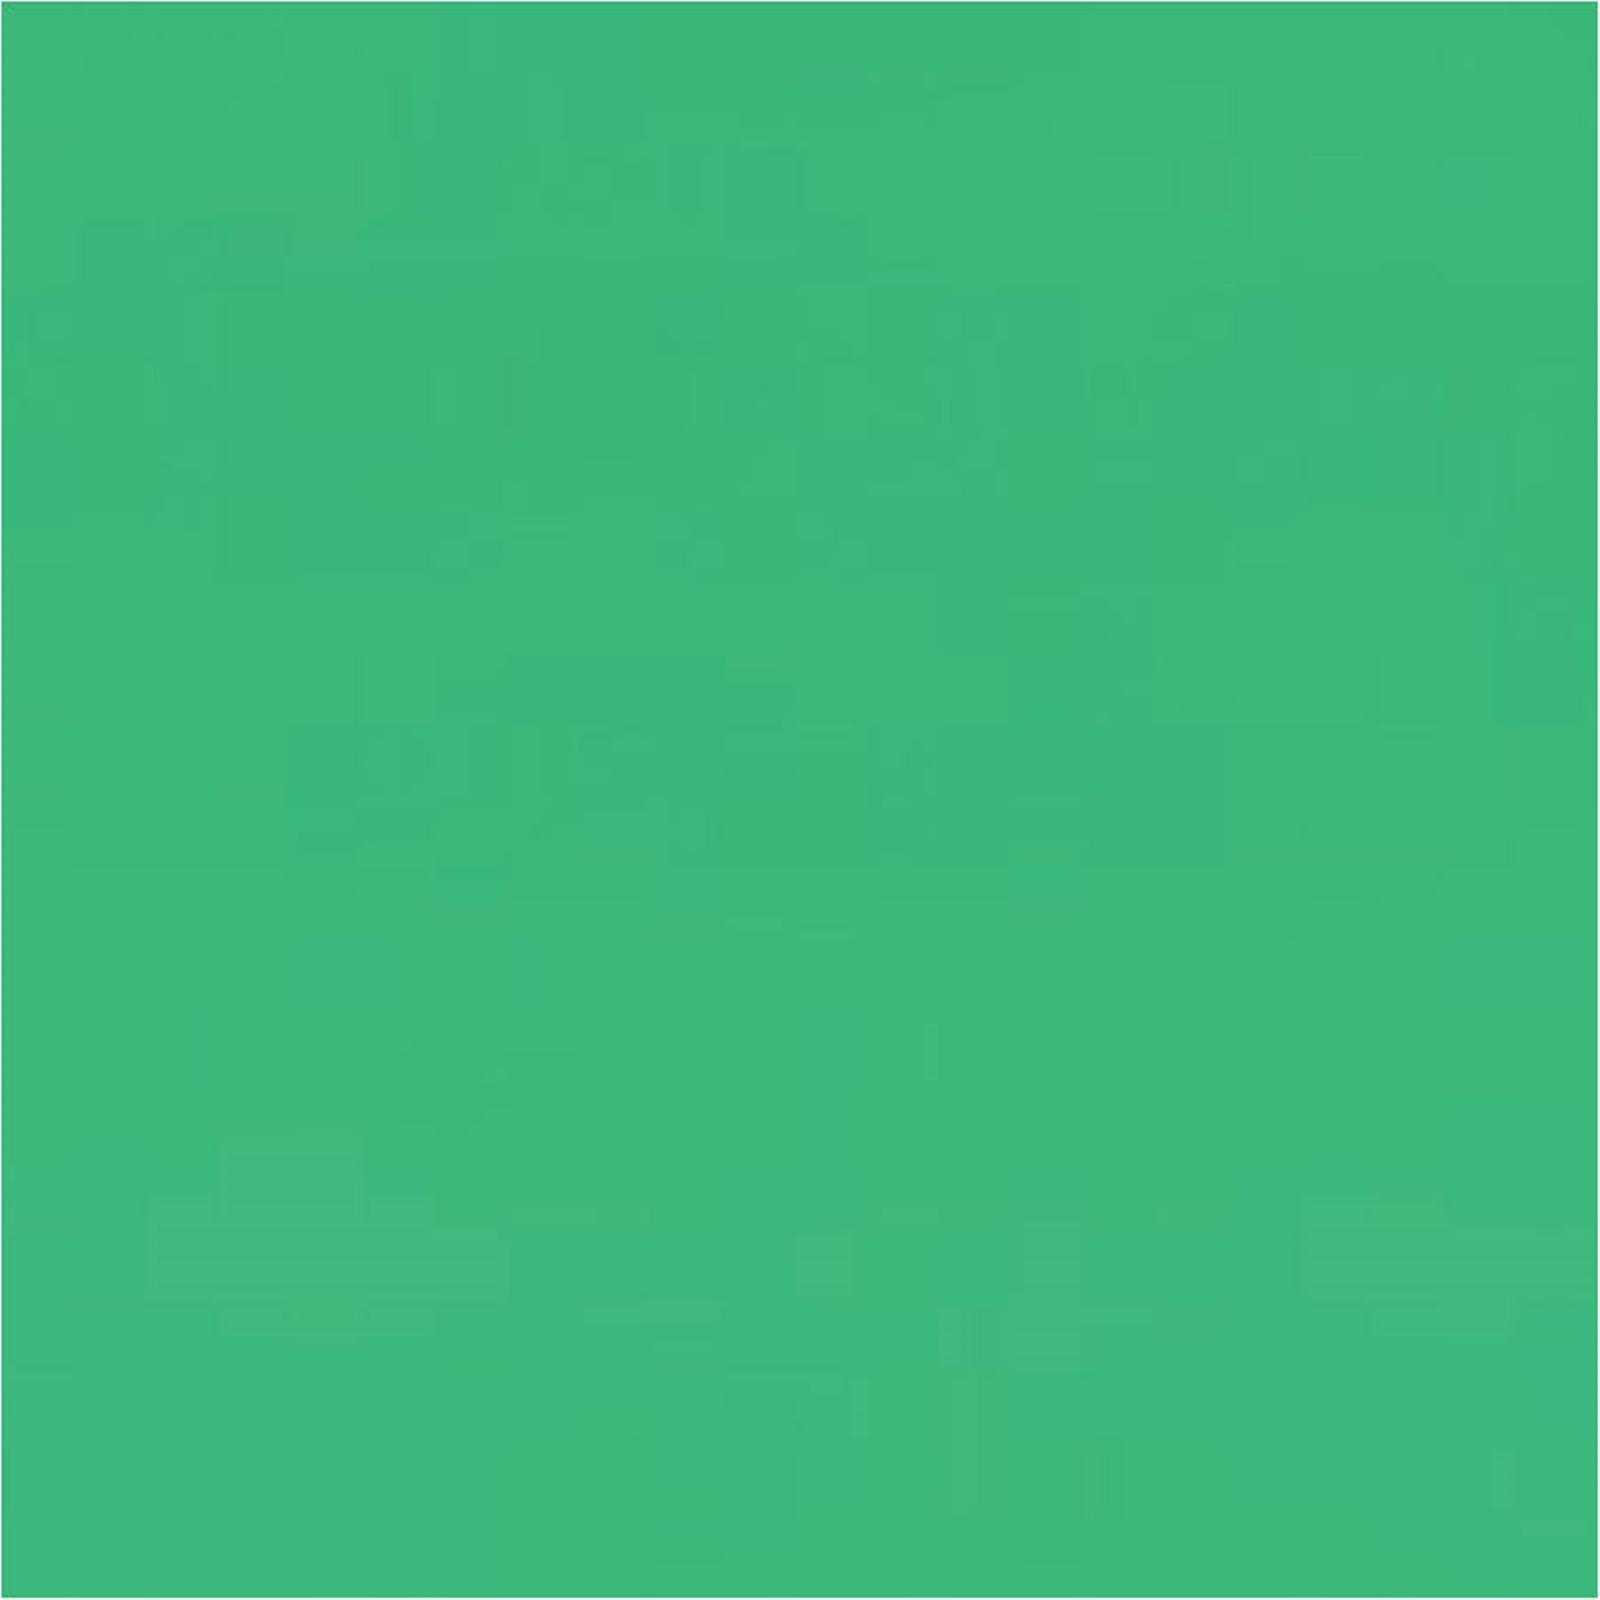 verde papagal